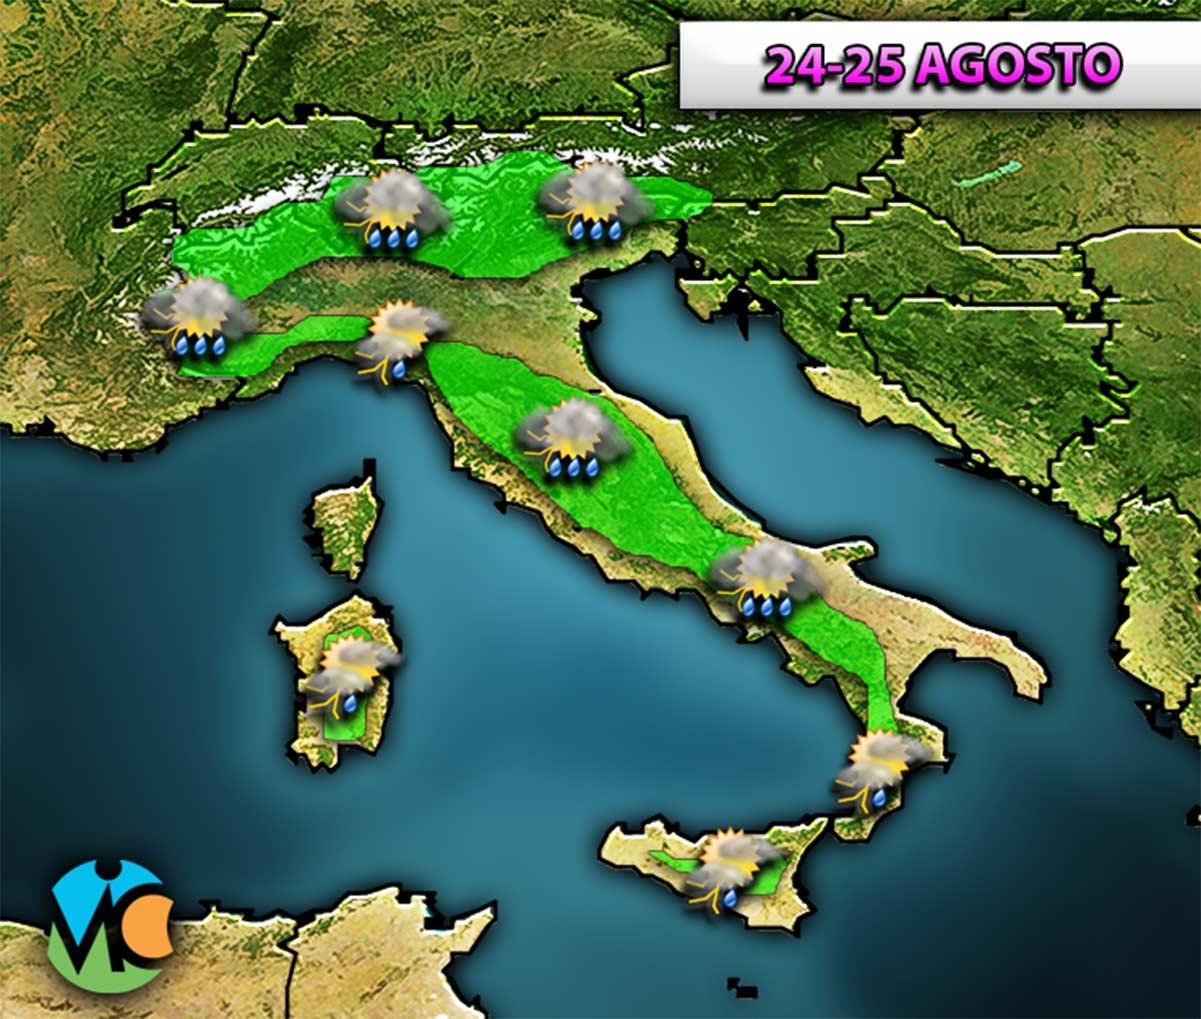 Nelle prossime ore e nei prossimi giorni l'Italia non sarà risparmiata da acquazzoni e temporali localmente intensi.